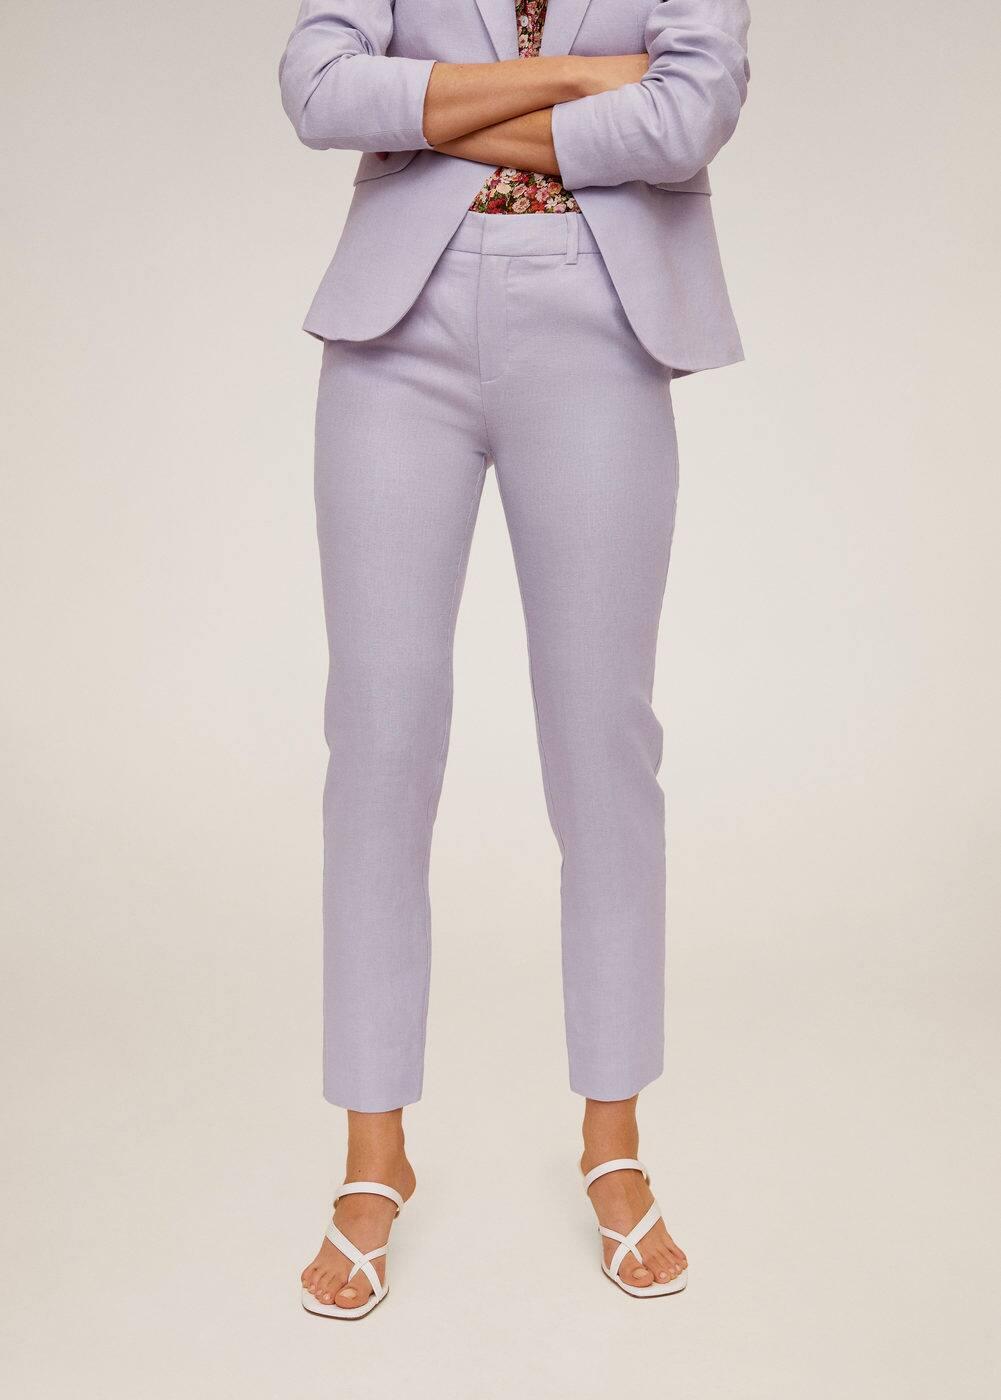 m-boreli:pantalon lino